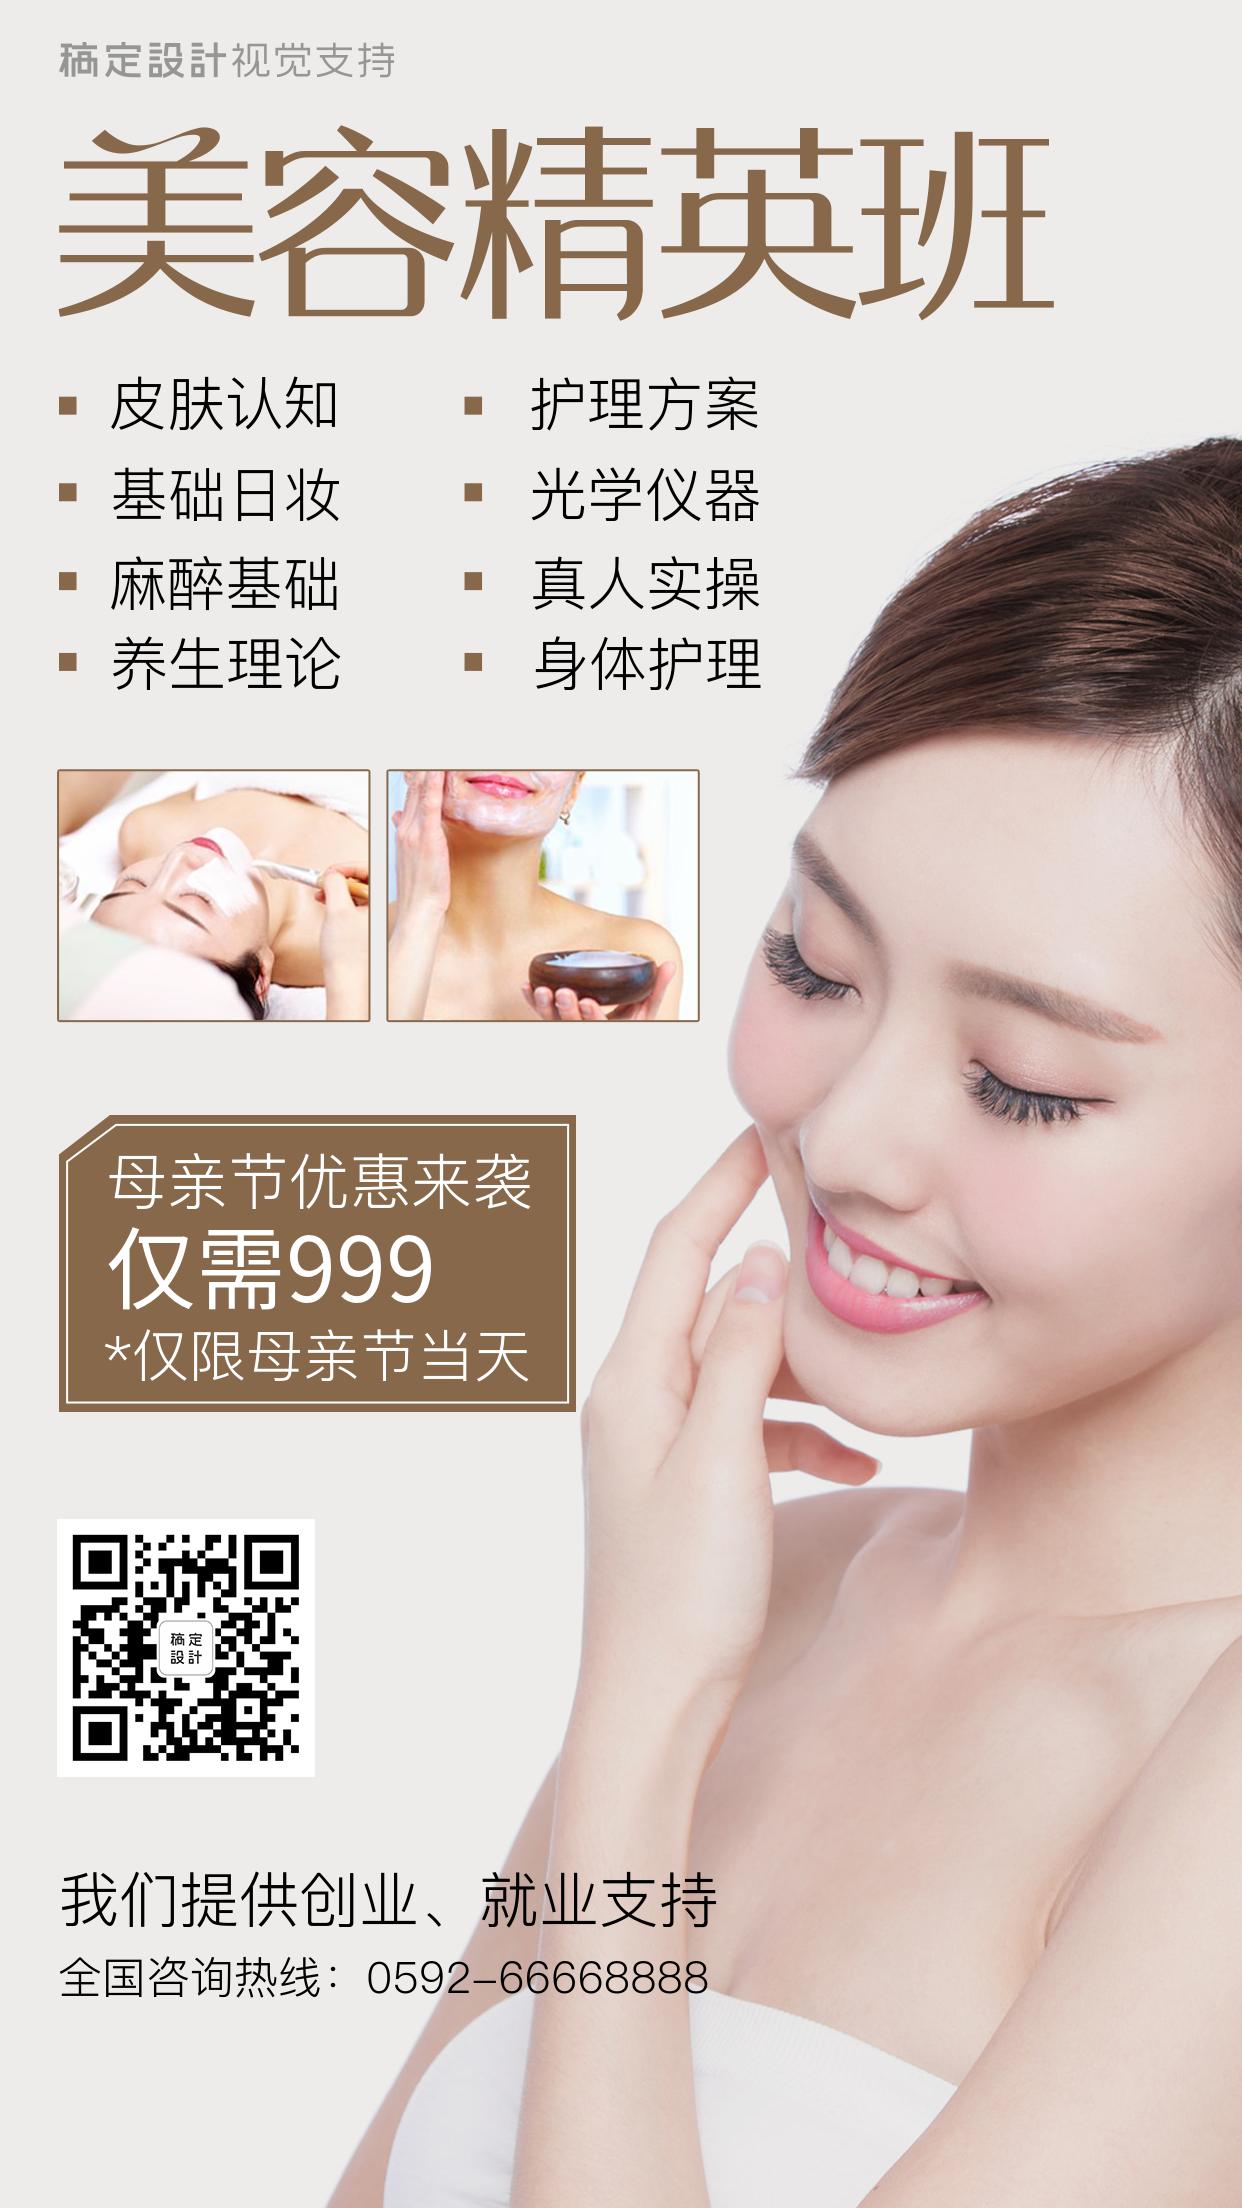 皮肤美容大优惠插图手机海报